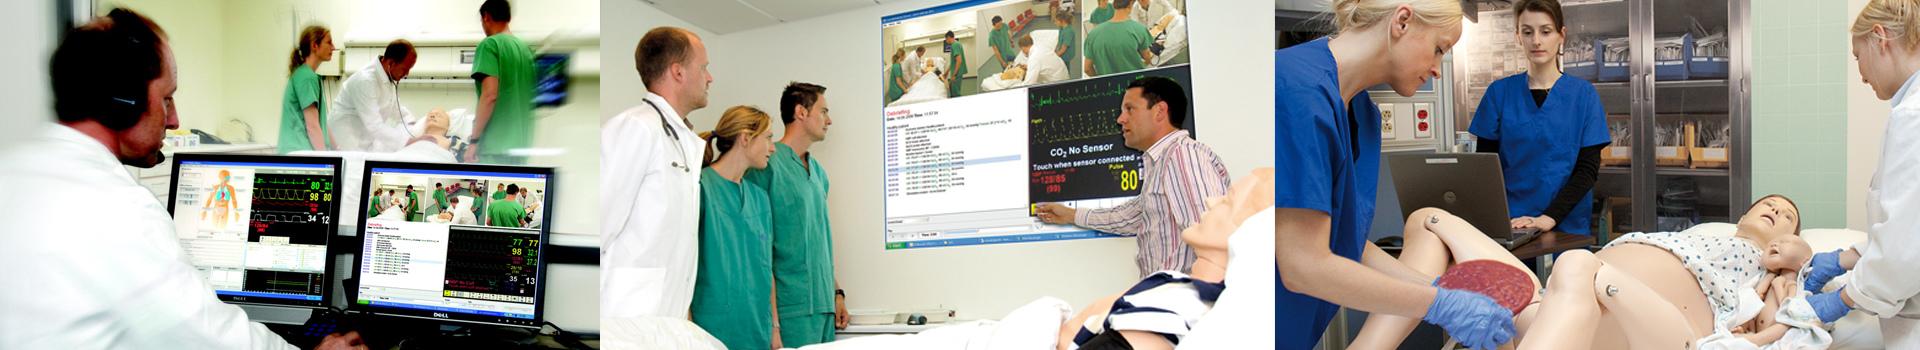 兰州医学教学模型